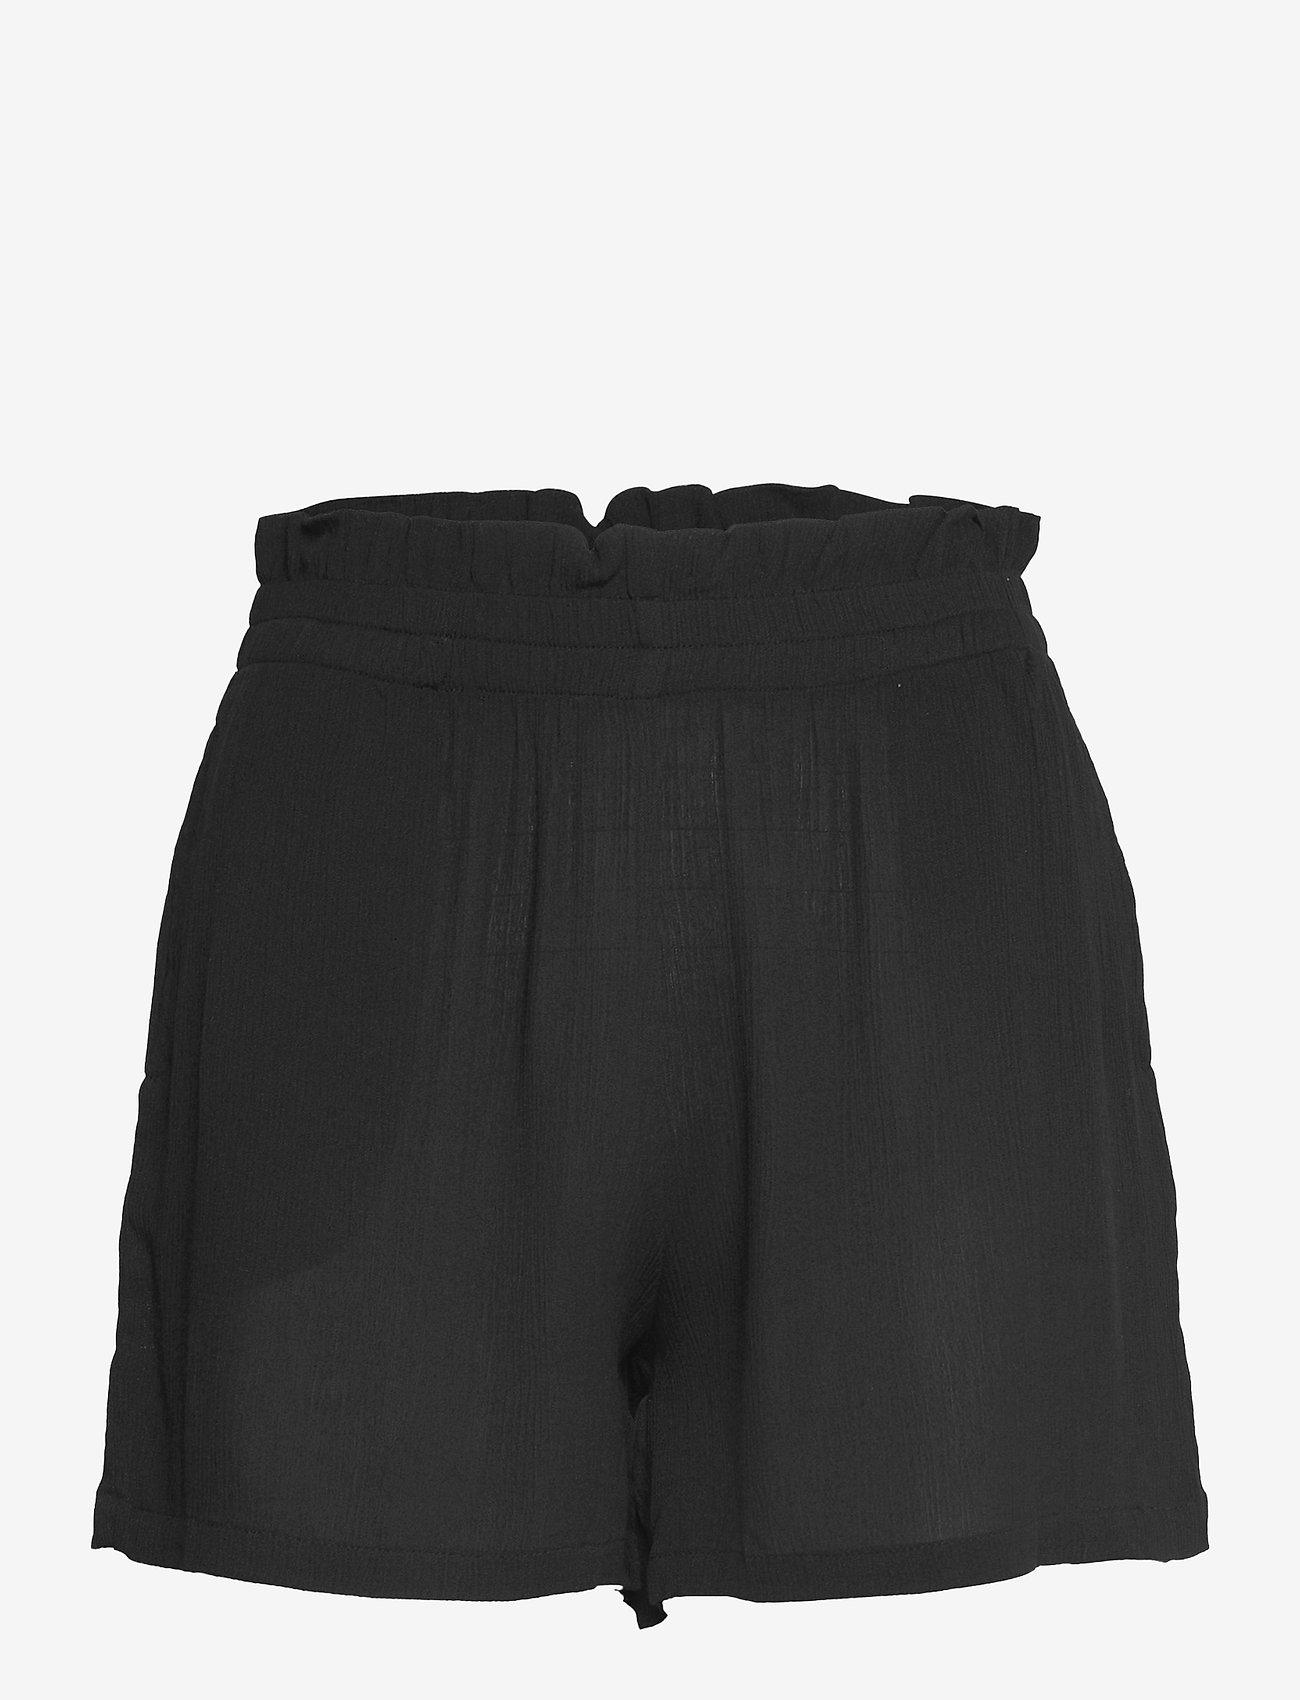 SPARKZ COPENHAGEN - INKA SHORTS - shorts casual - black - 0